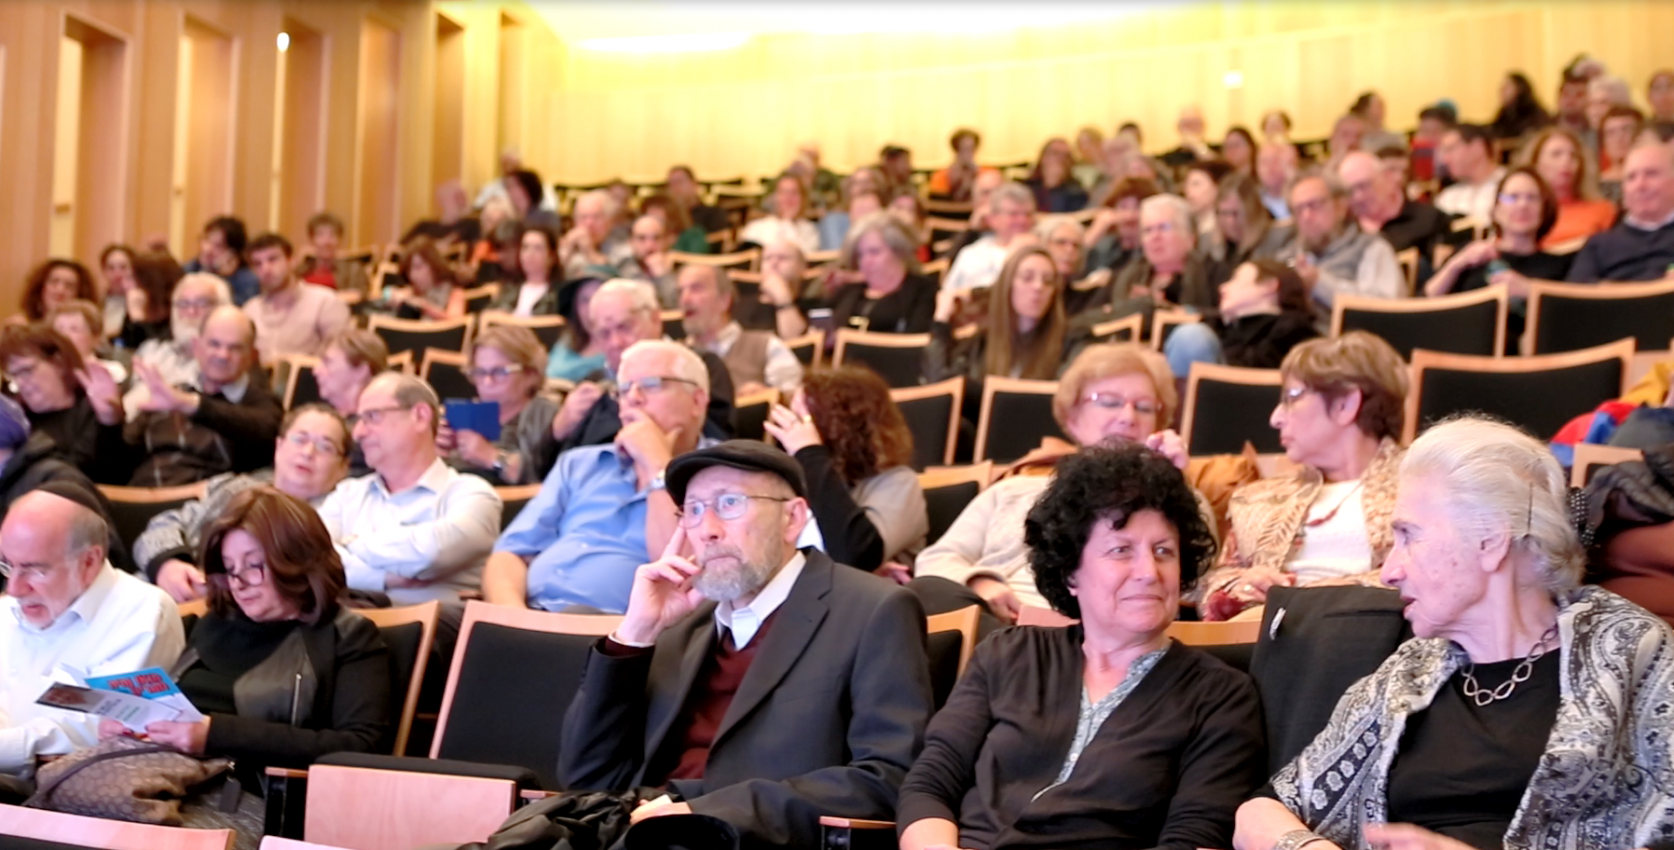 קהל בבית אבי חי (צילום: אבי נעם)